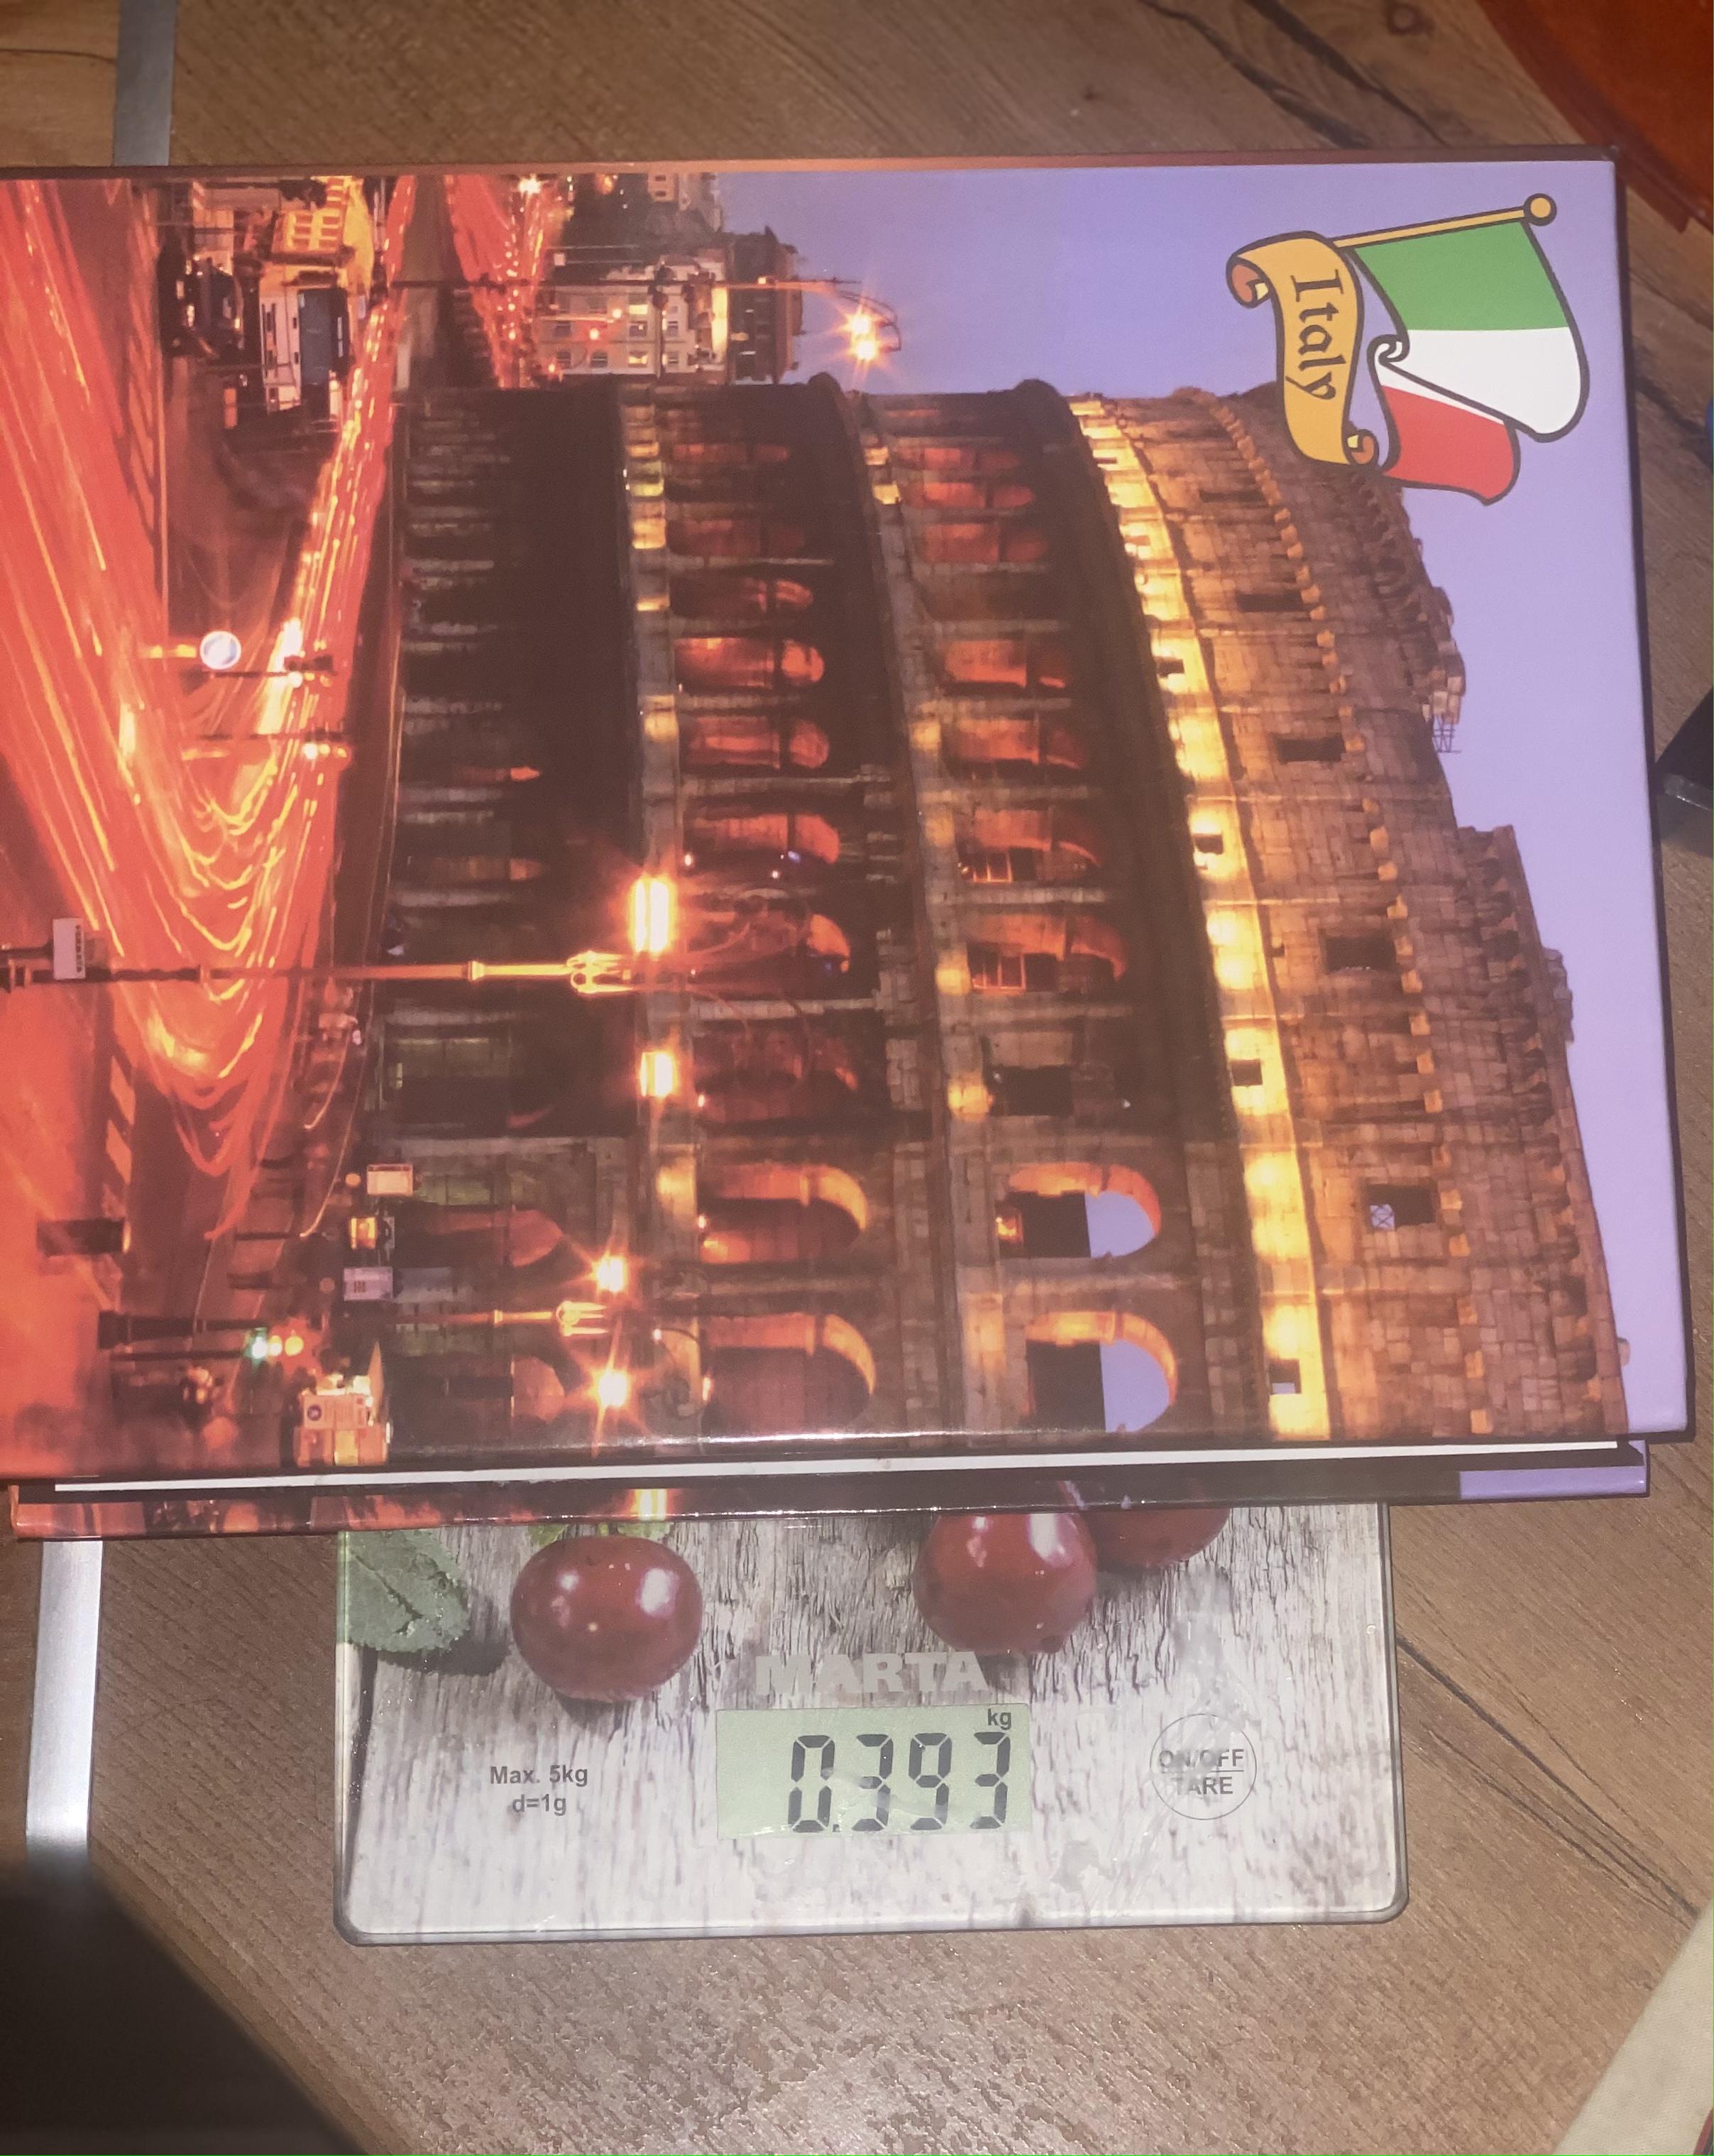 вес альбома на 200 фотографий в картонной обложке пустого